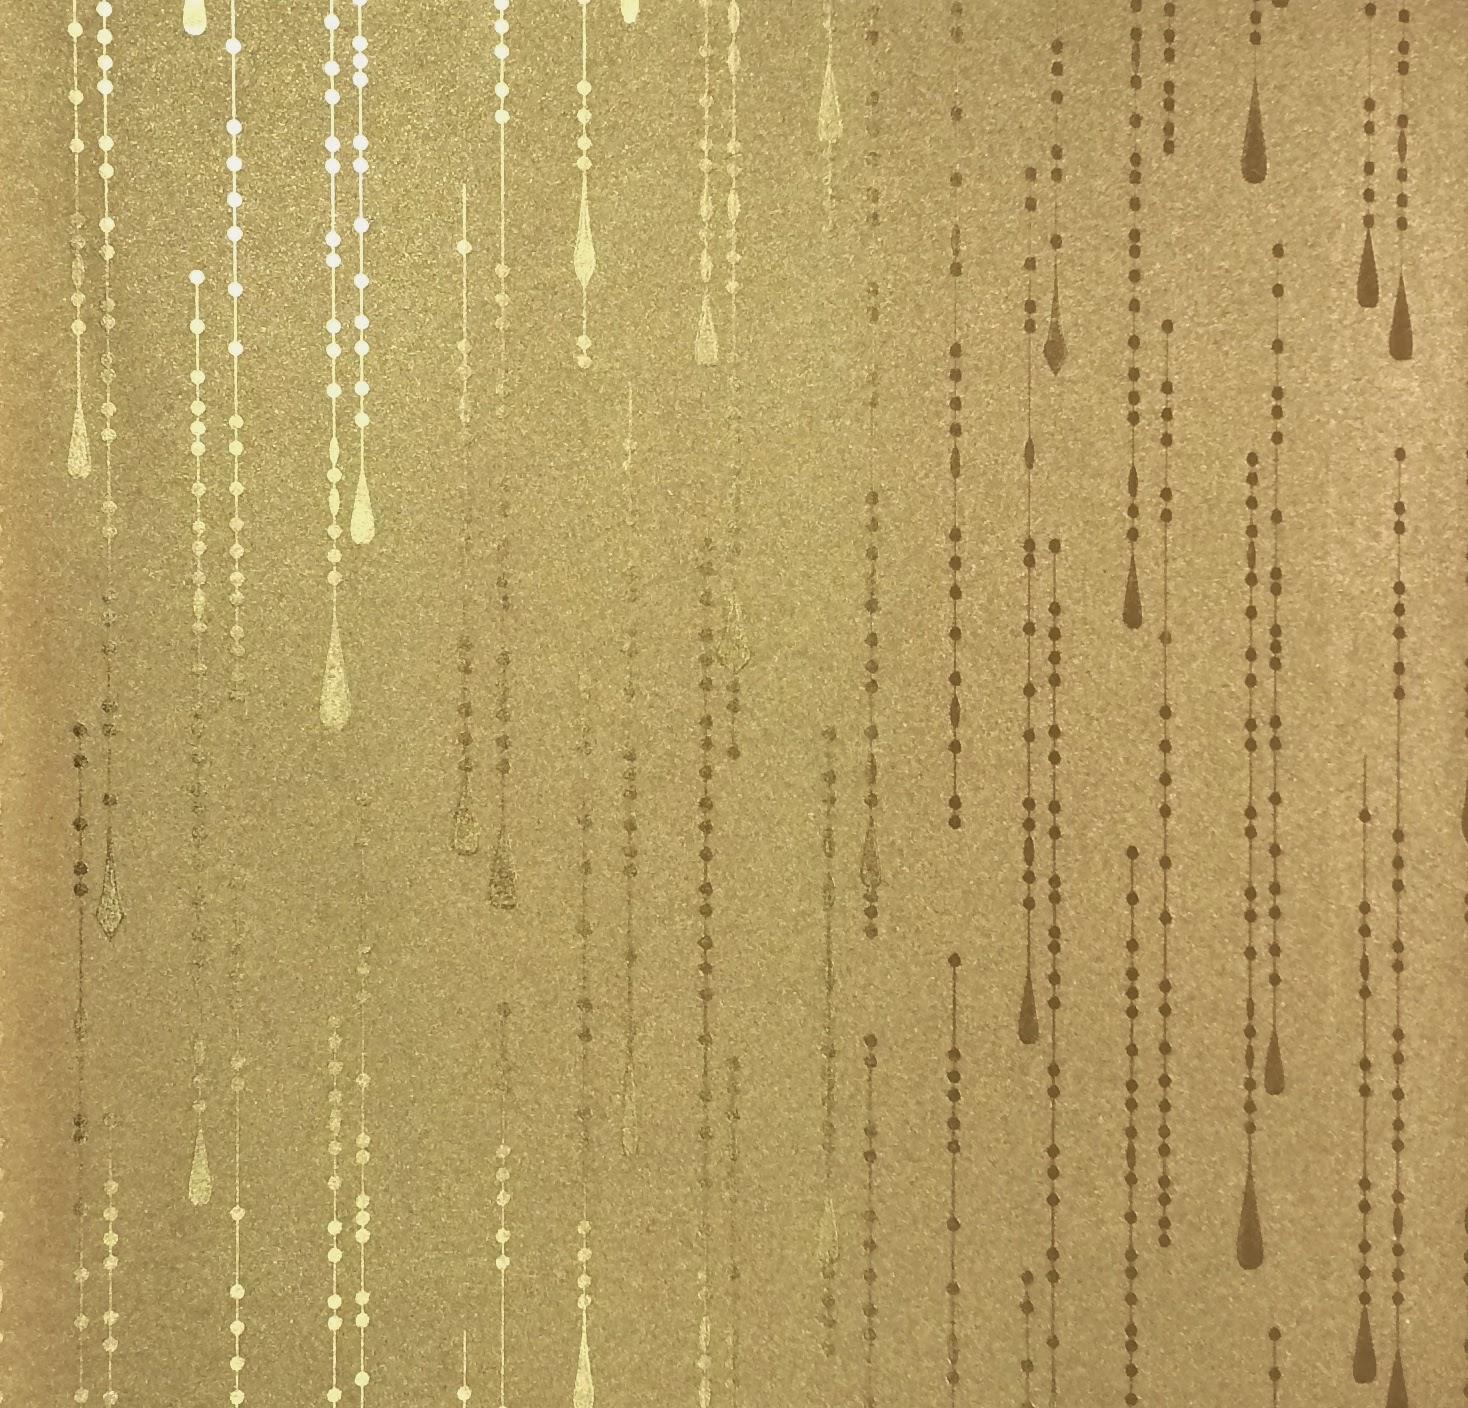 giấy dán tường Đức CY271